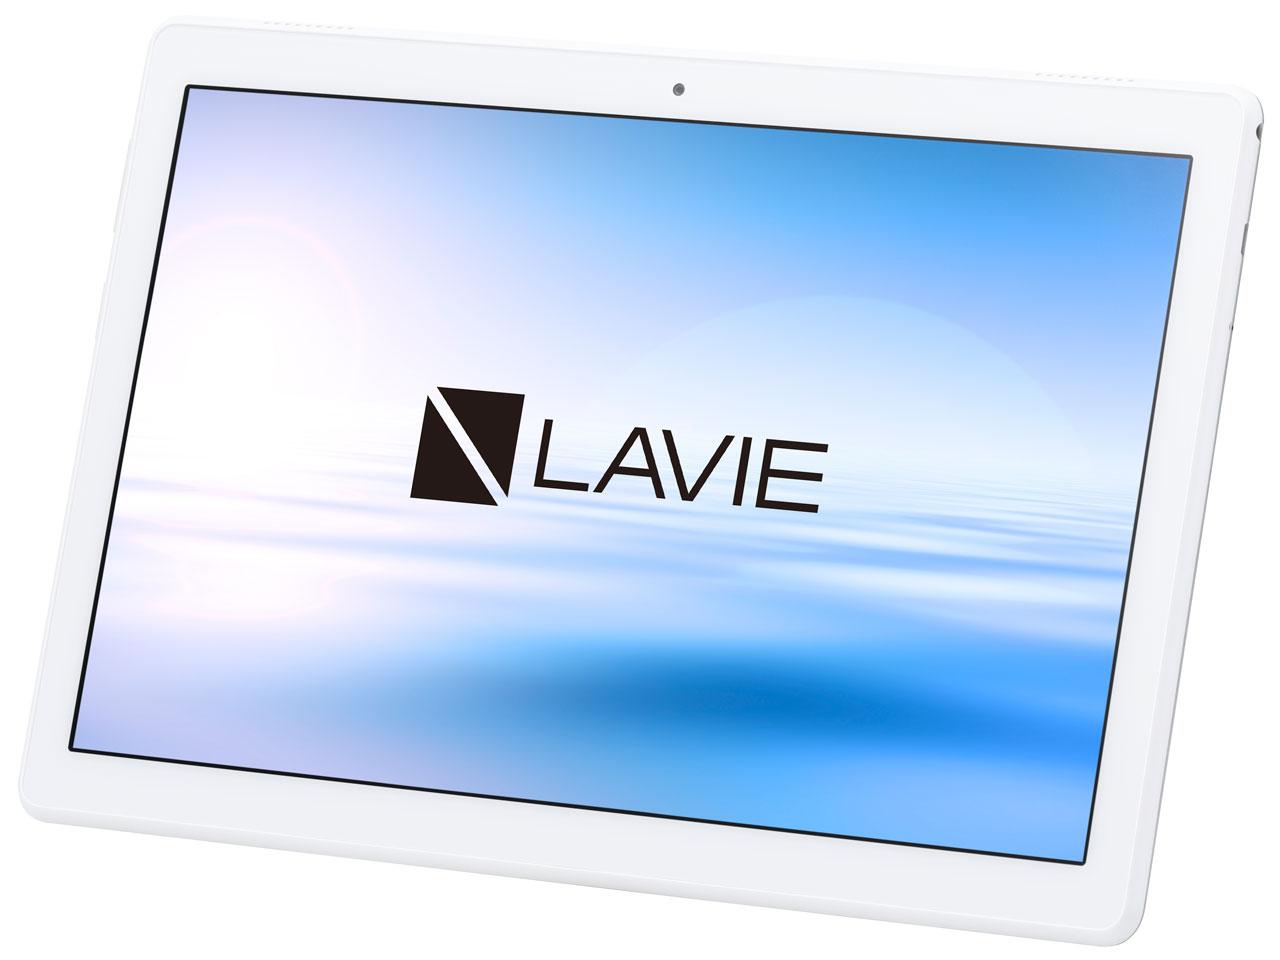 【新品未開封品】NEC LaVie Tab E PC-TE710KAW